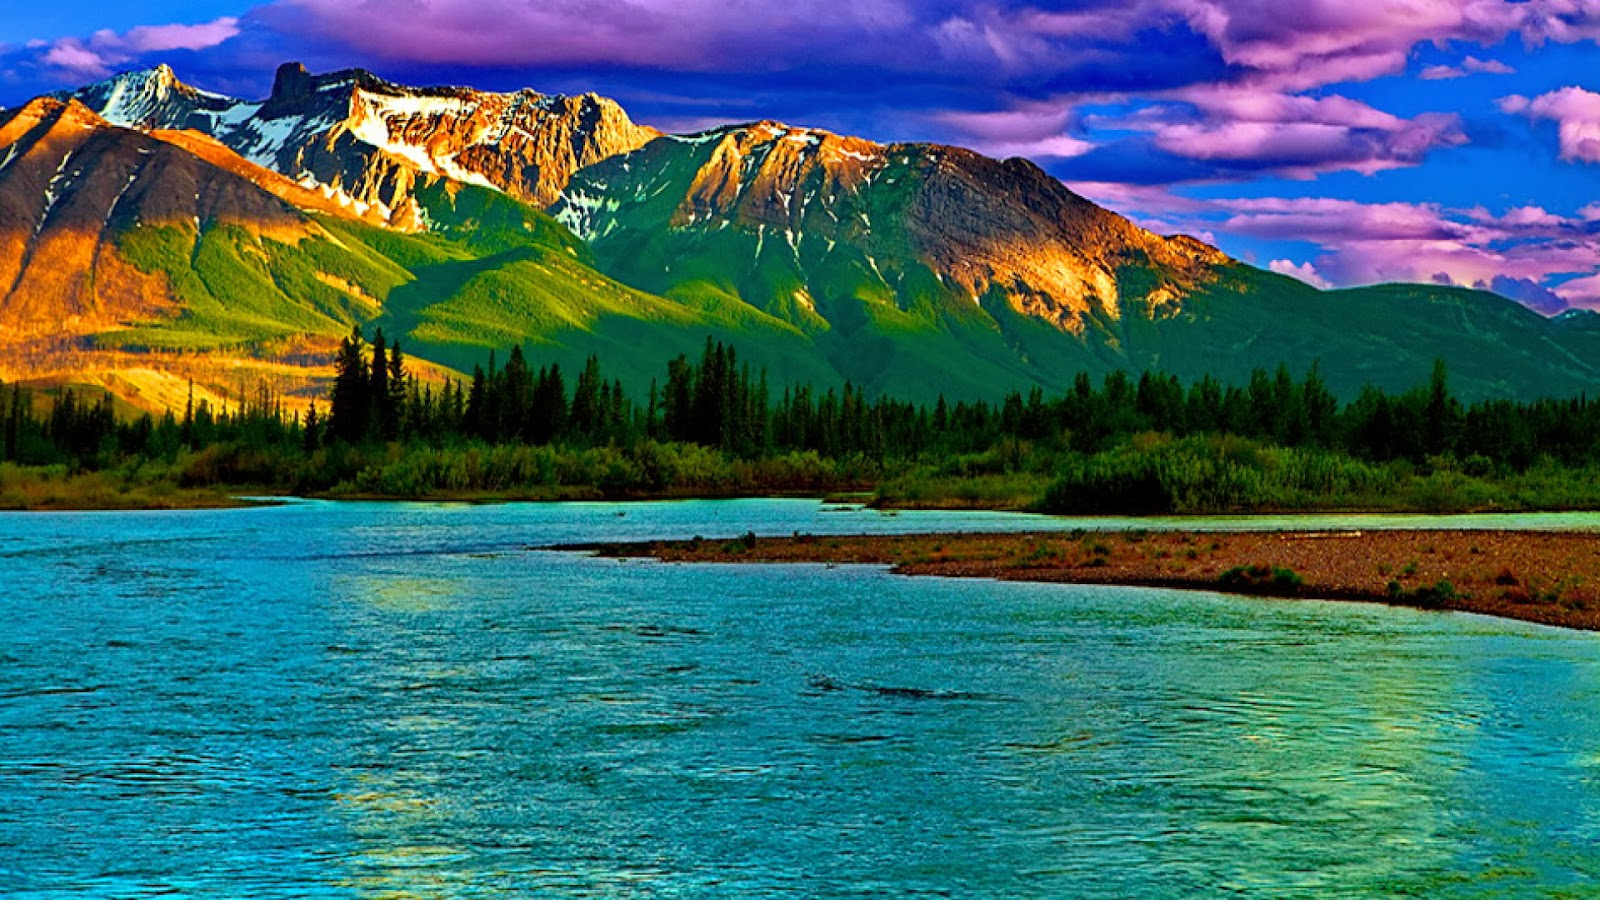 بالصور اروع الصور للطبيعة , شاهد بالصور ابداع الخالق فى الطبيعة 467 10